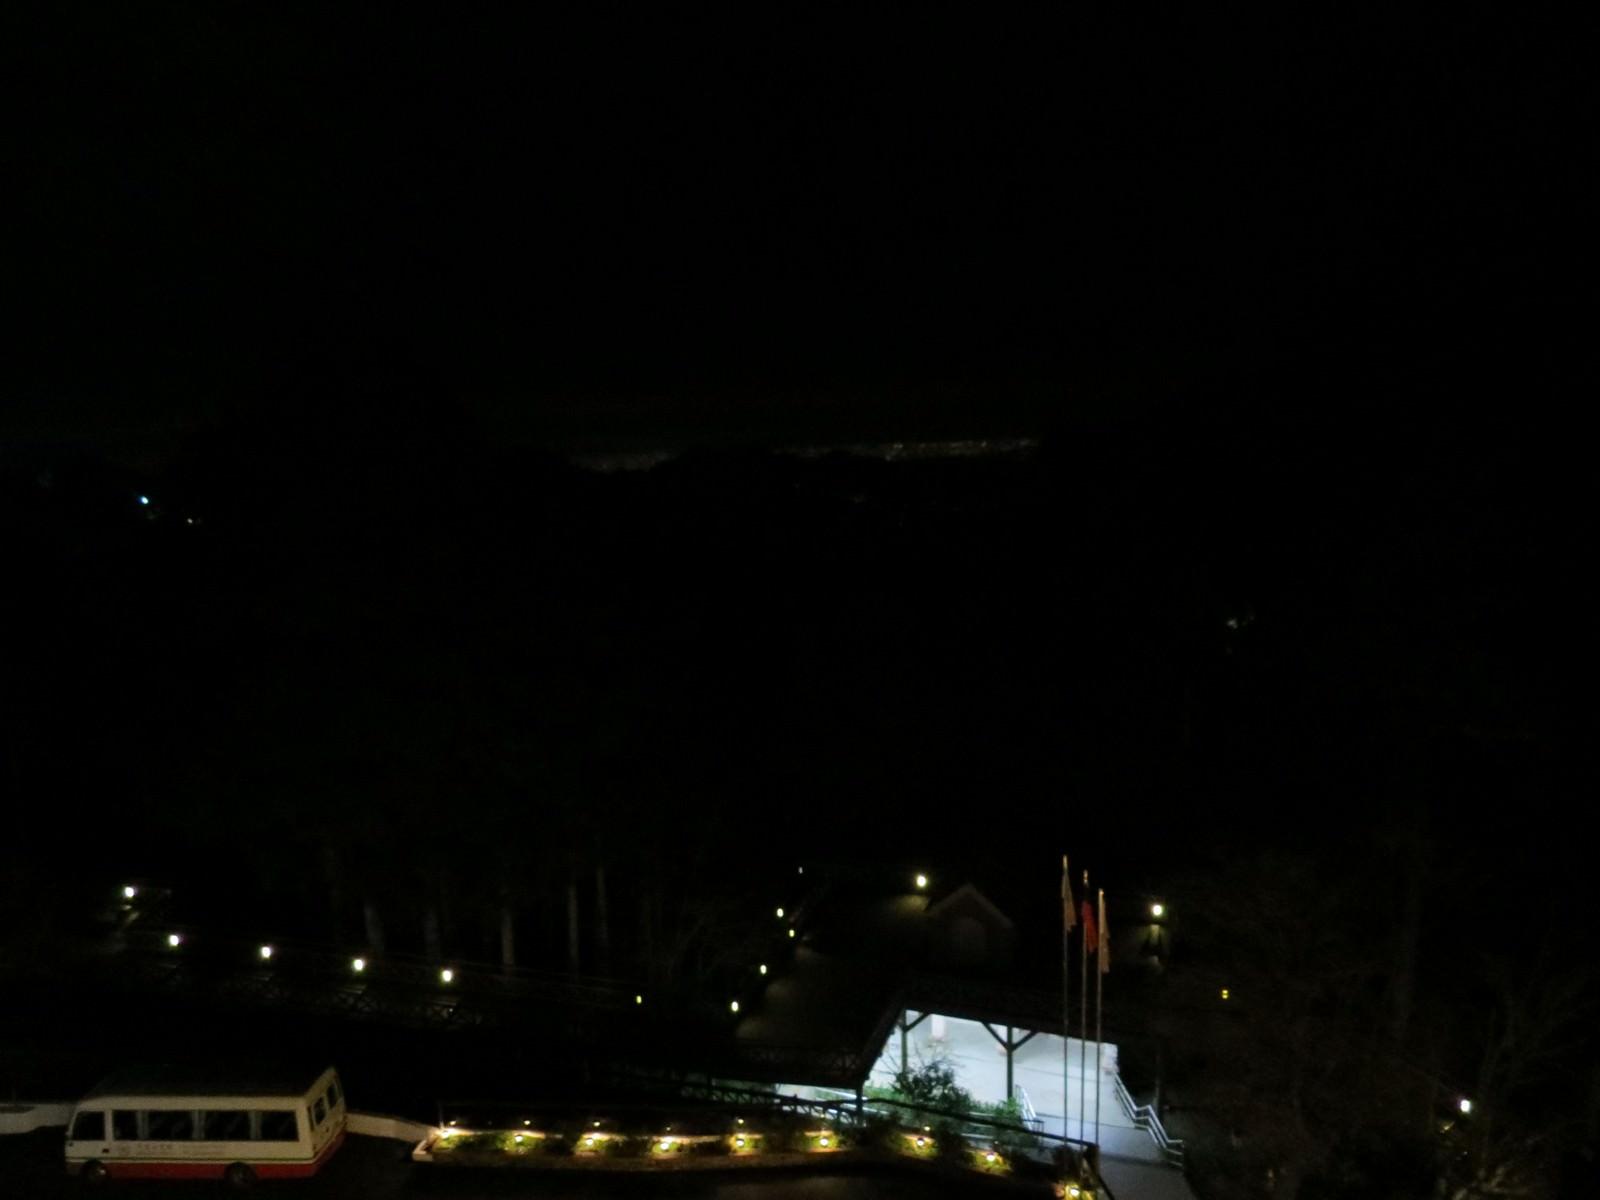 阿里山賓館, 來自星空的傳奇